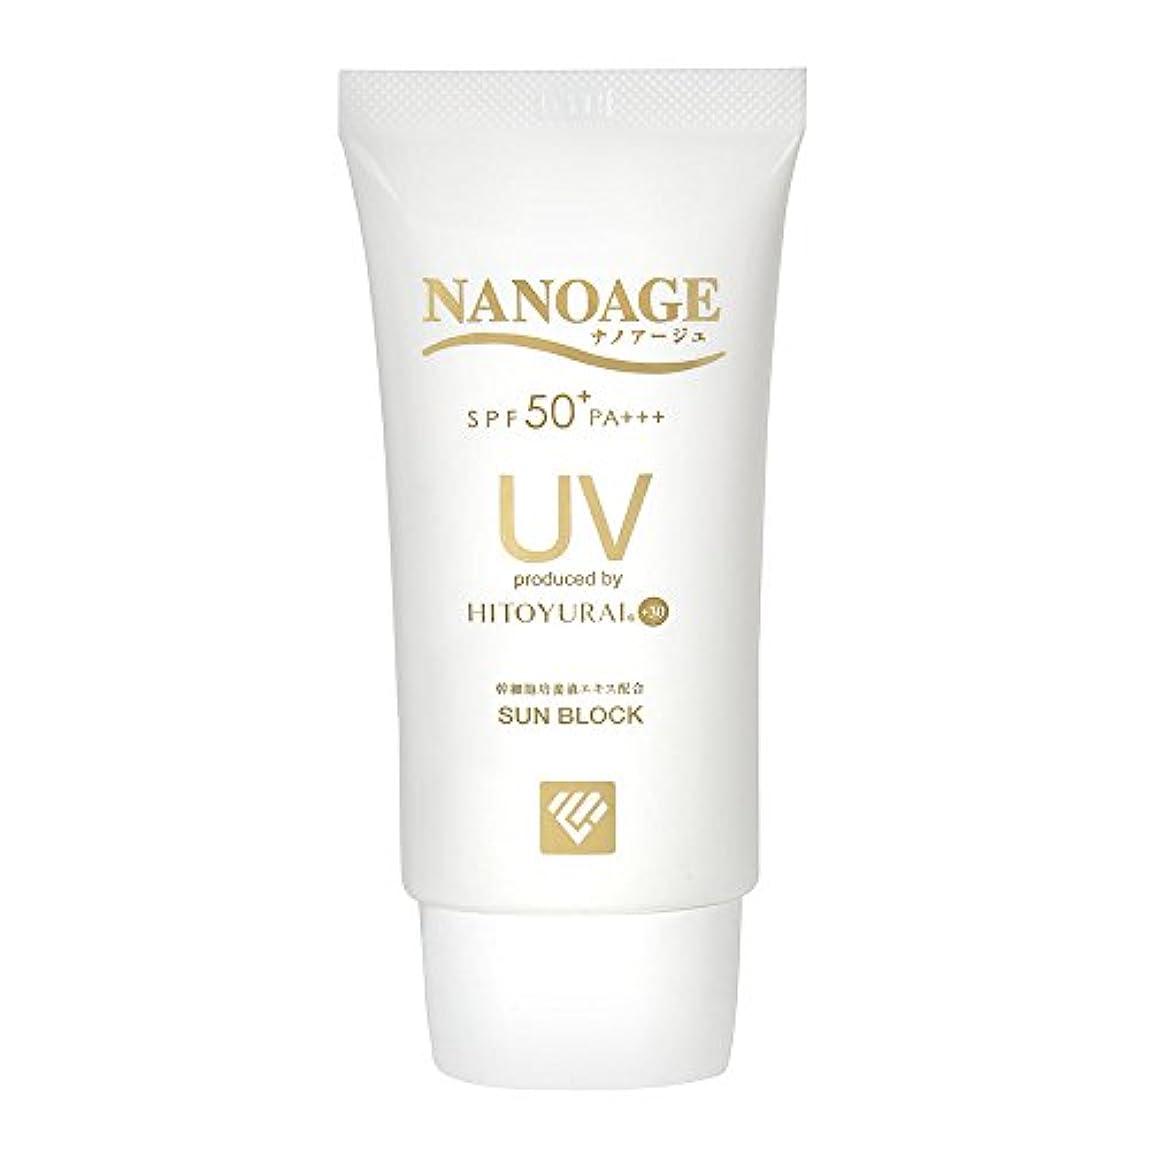 帽子豊かな口述NANOAGE(ナノアージュ) UVクリーム SPF50+ PA+++ 40ml